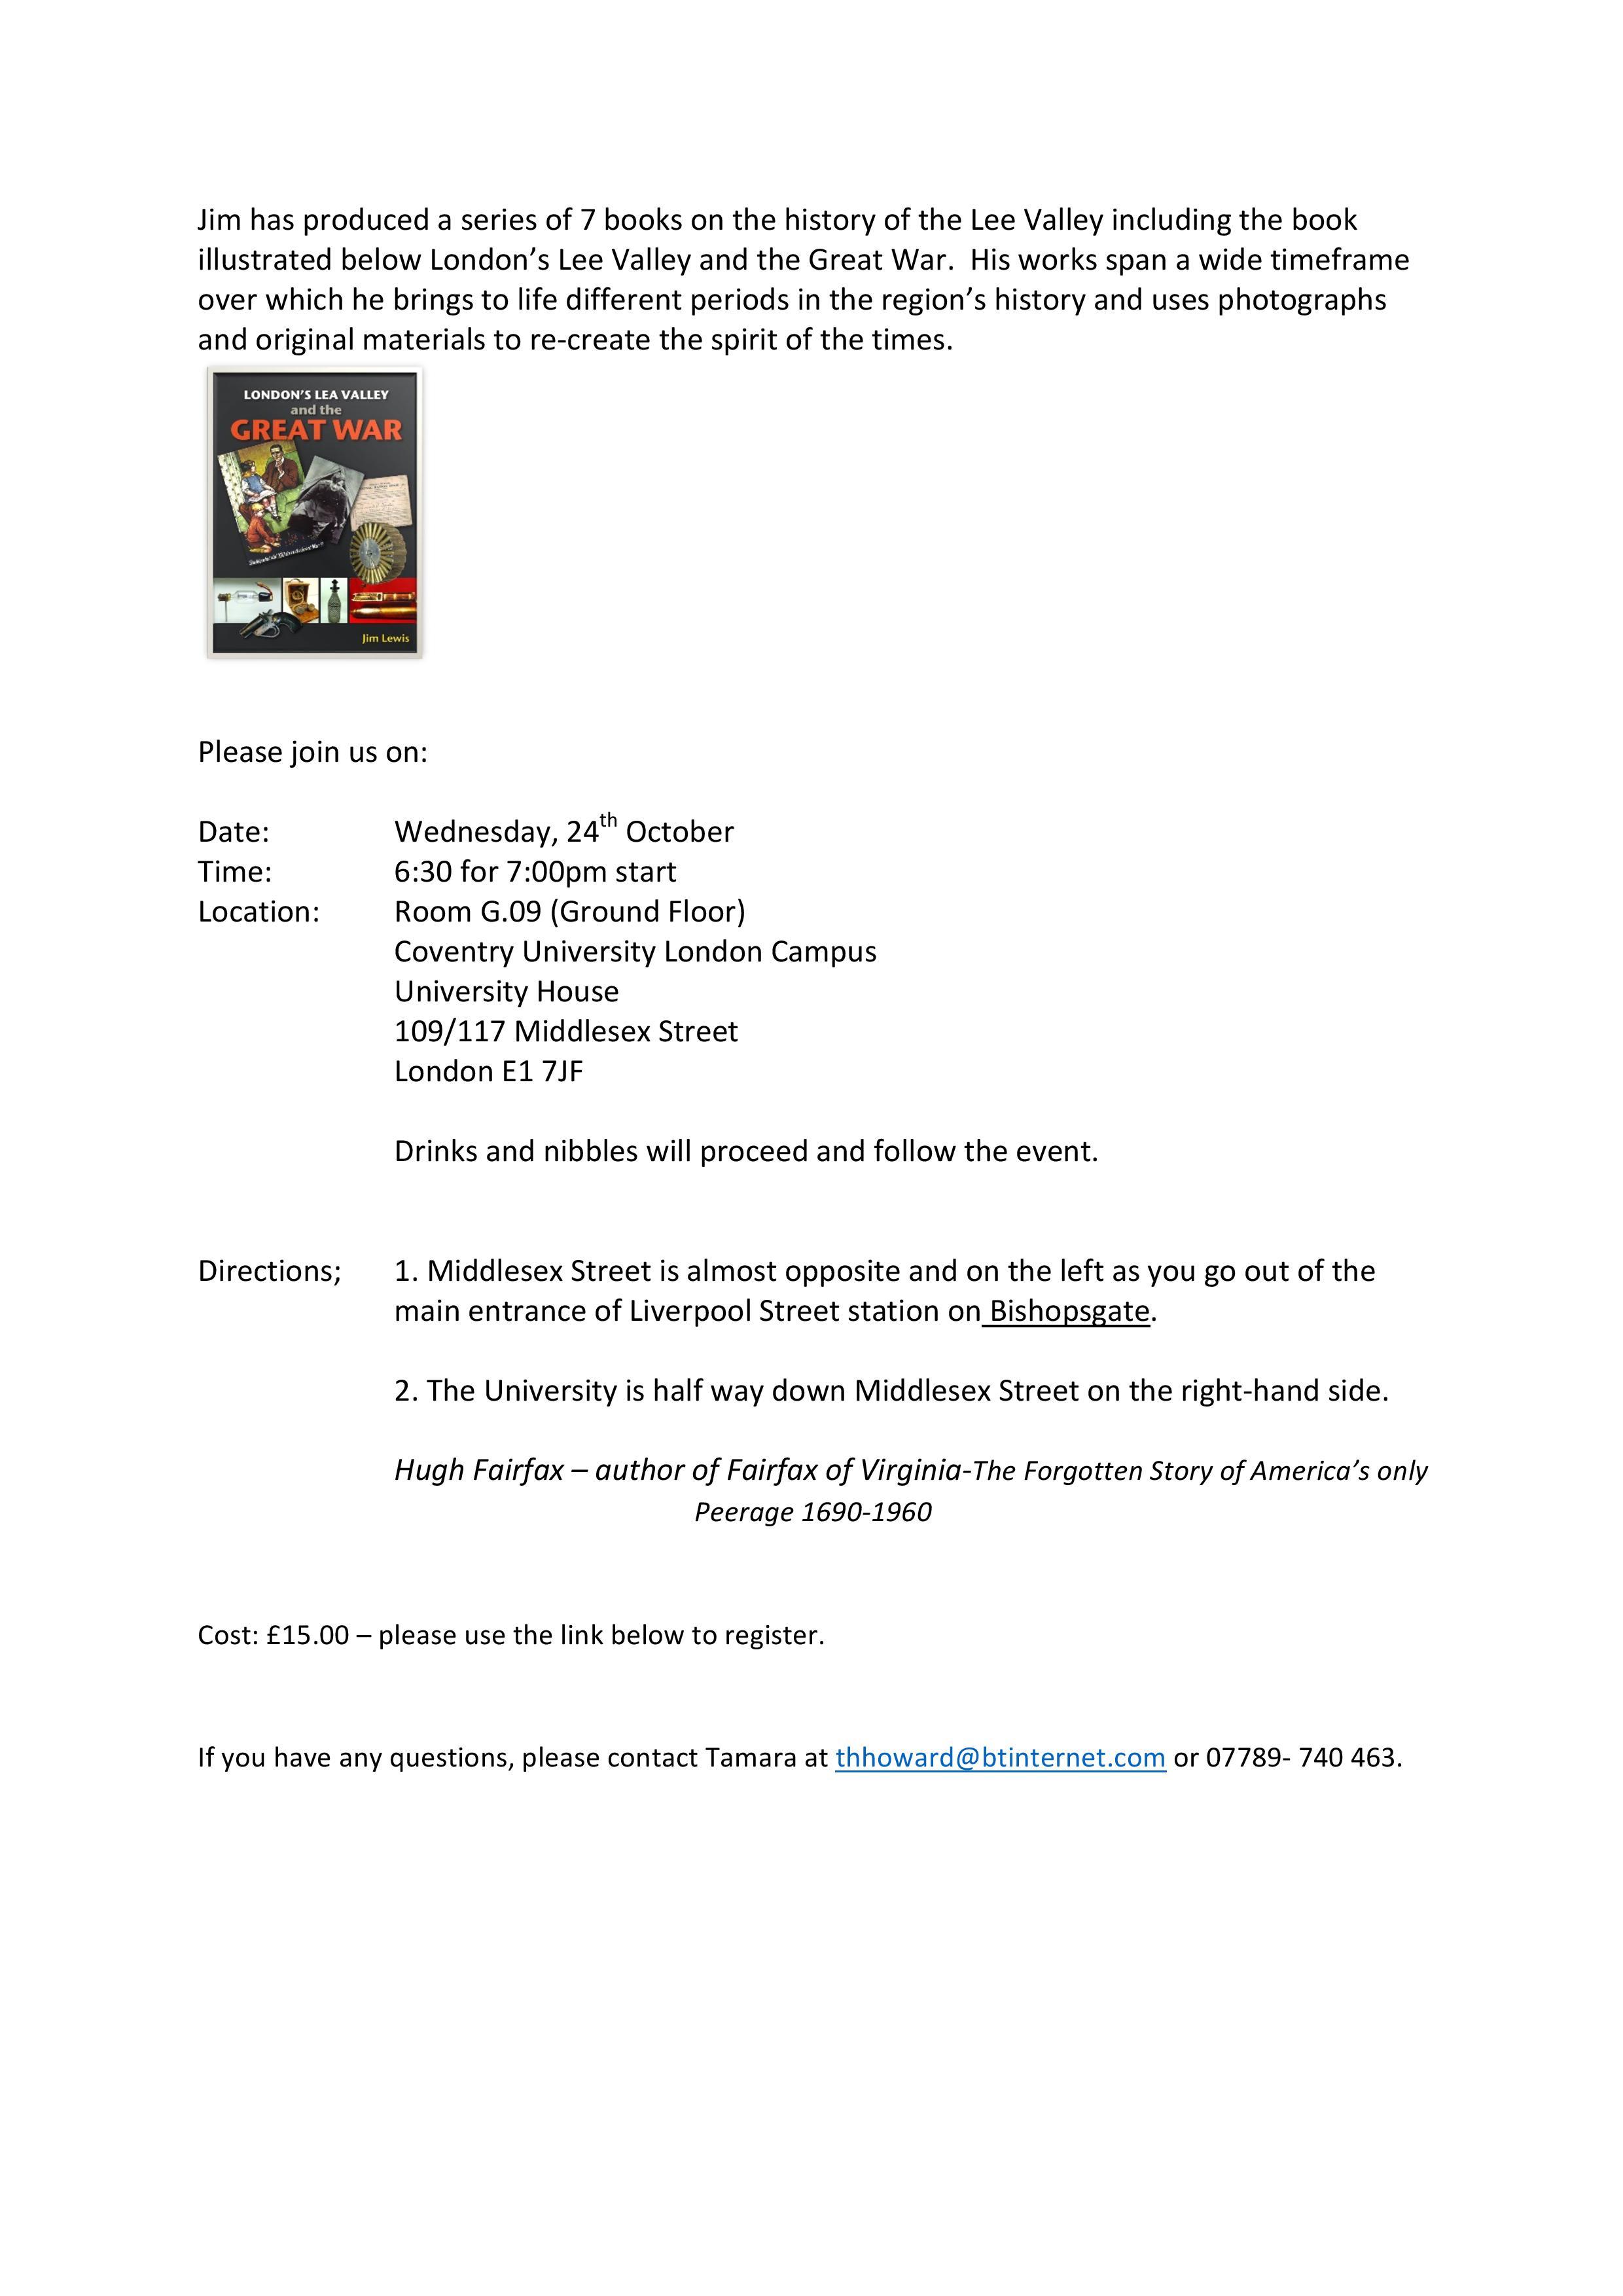 invitation-harvard-authors-page-002